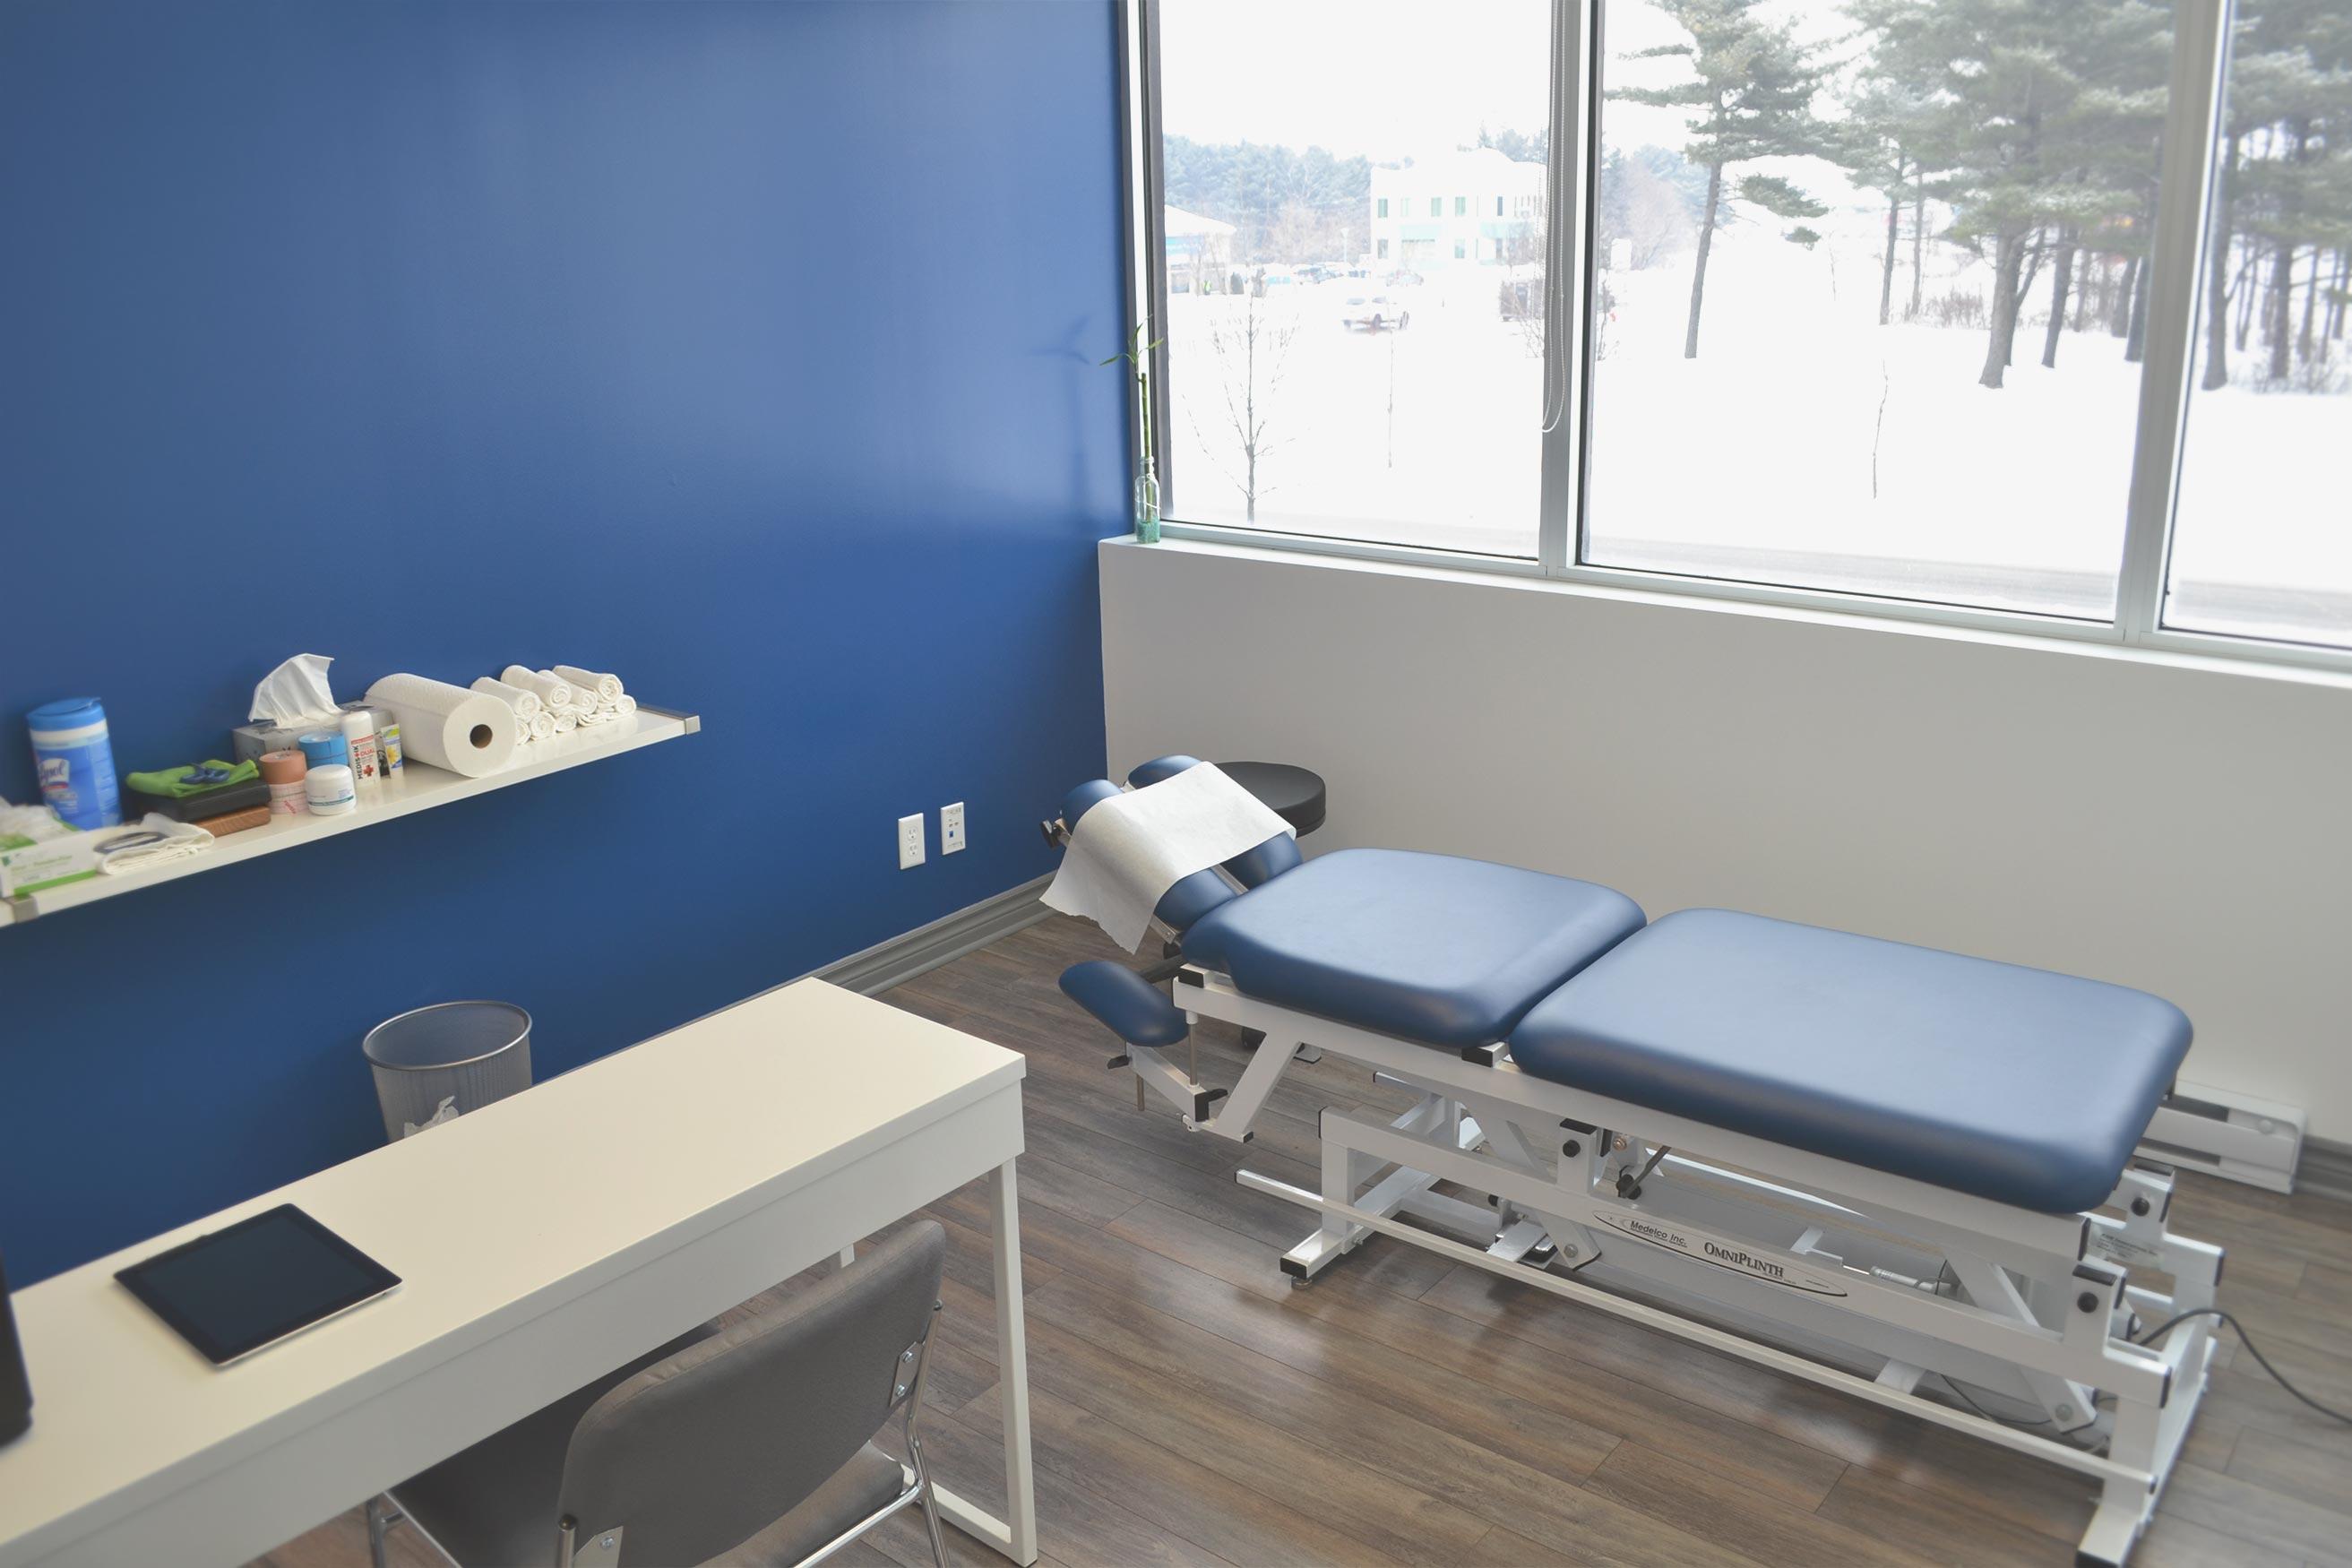 Salle traitement clinique chiropratique Blainville Laurea